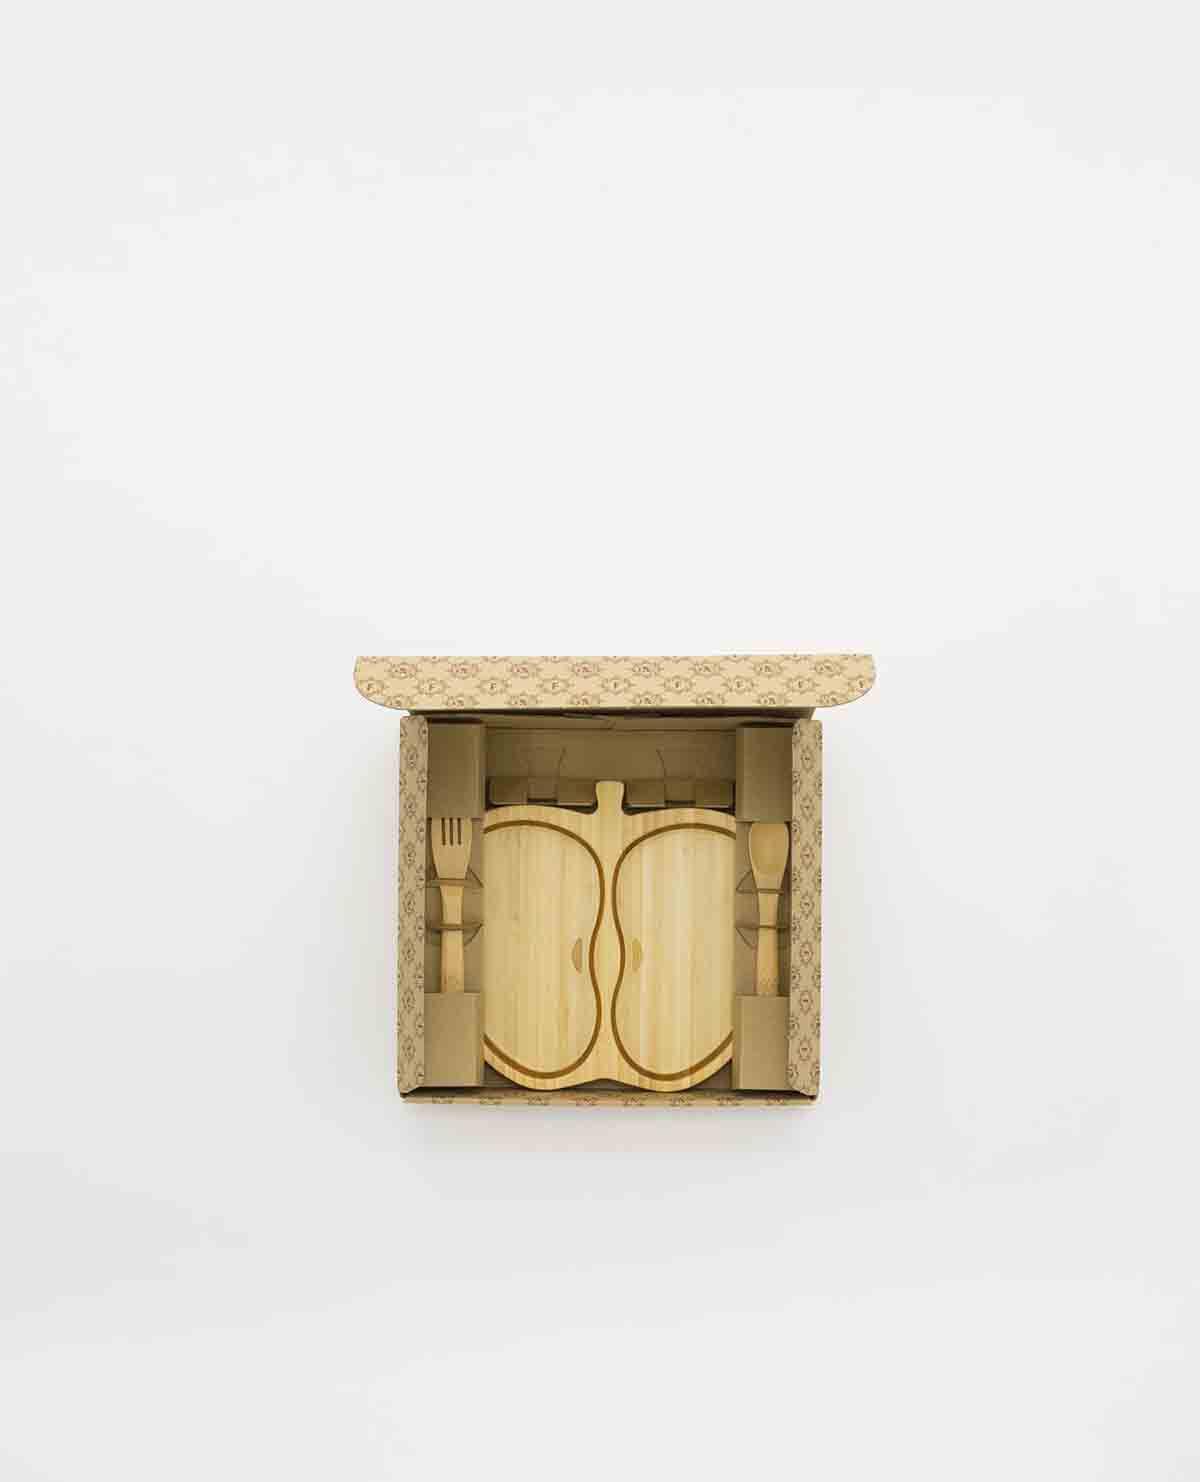 アップル プレート セット ベビー食器 木製 竹